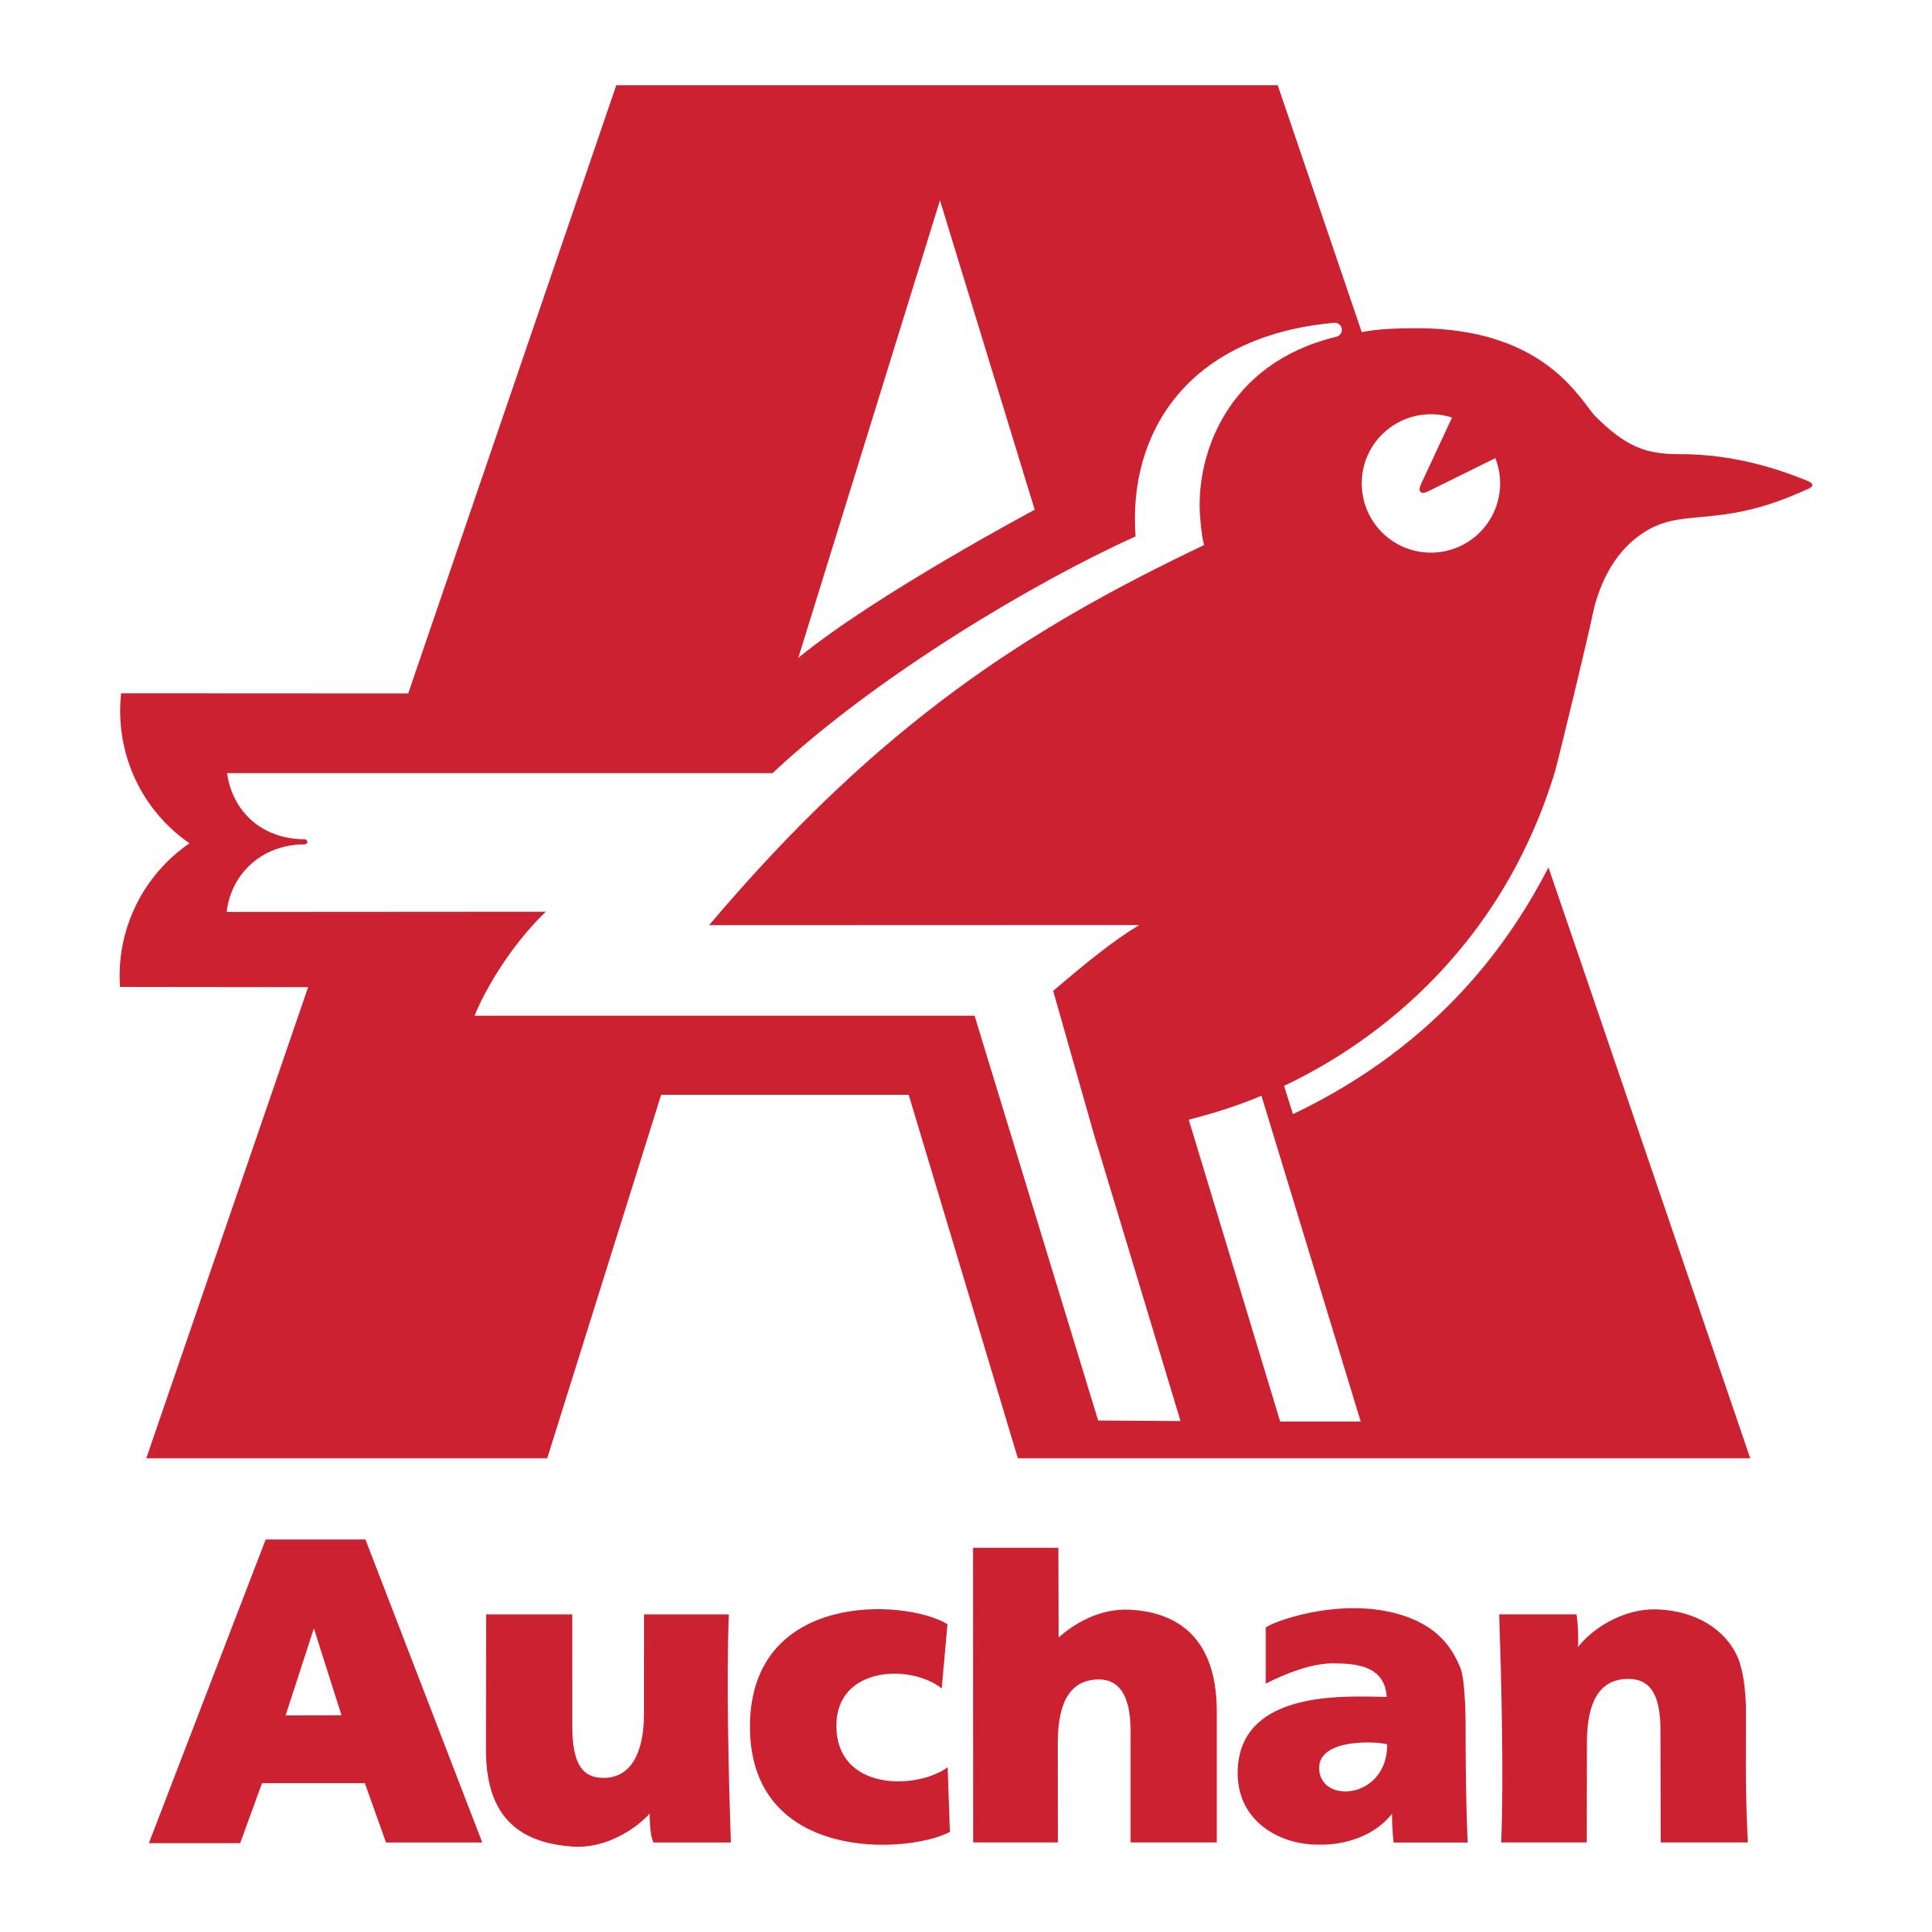 Zbiorówka 10 produktów różnej maści w obniżonych cenach, Auchan Białystok